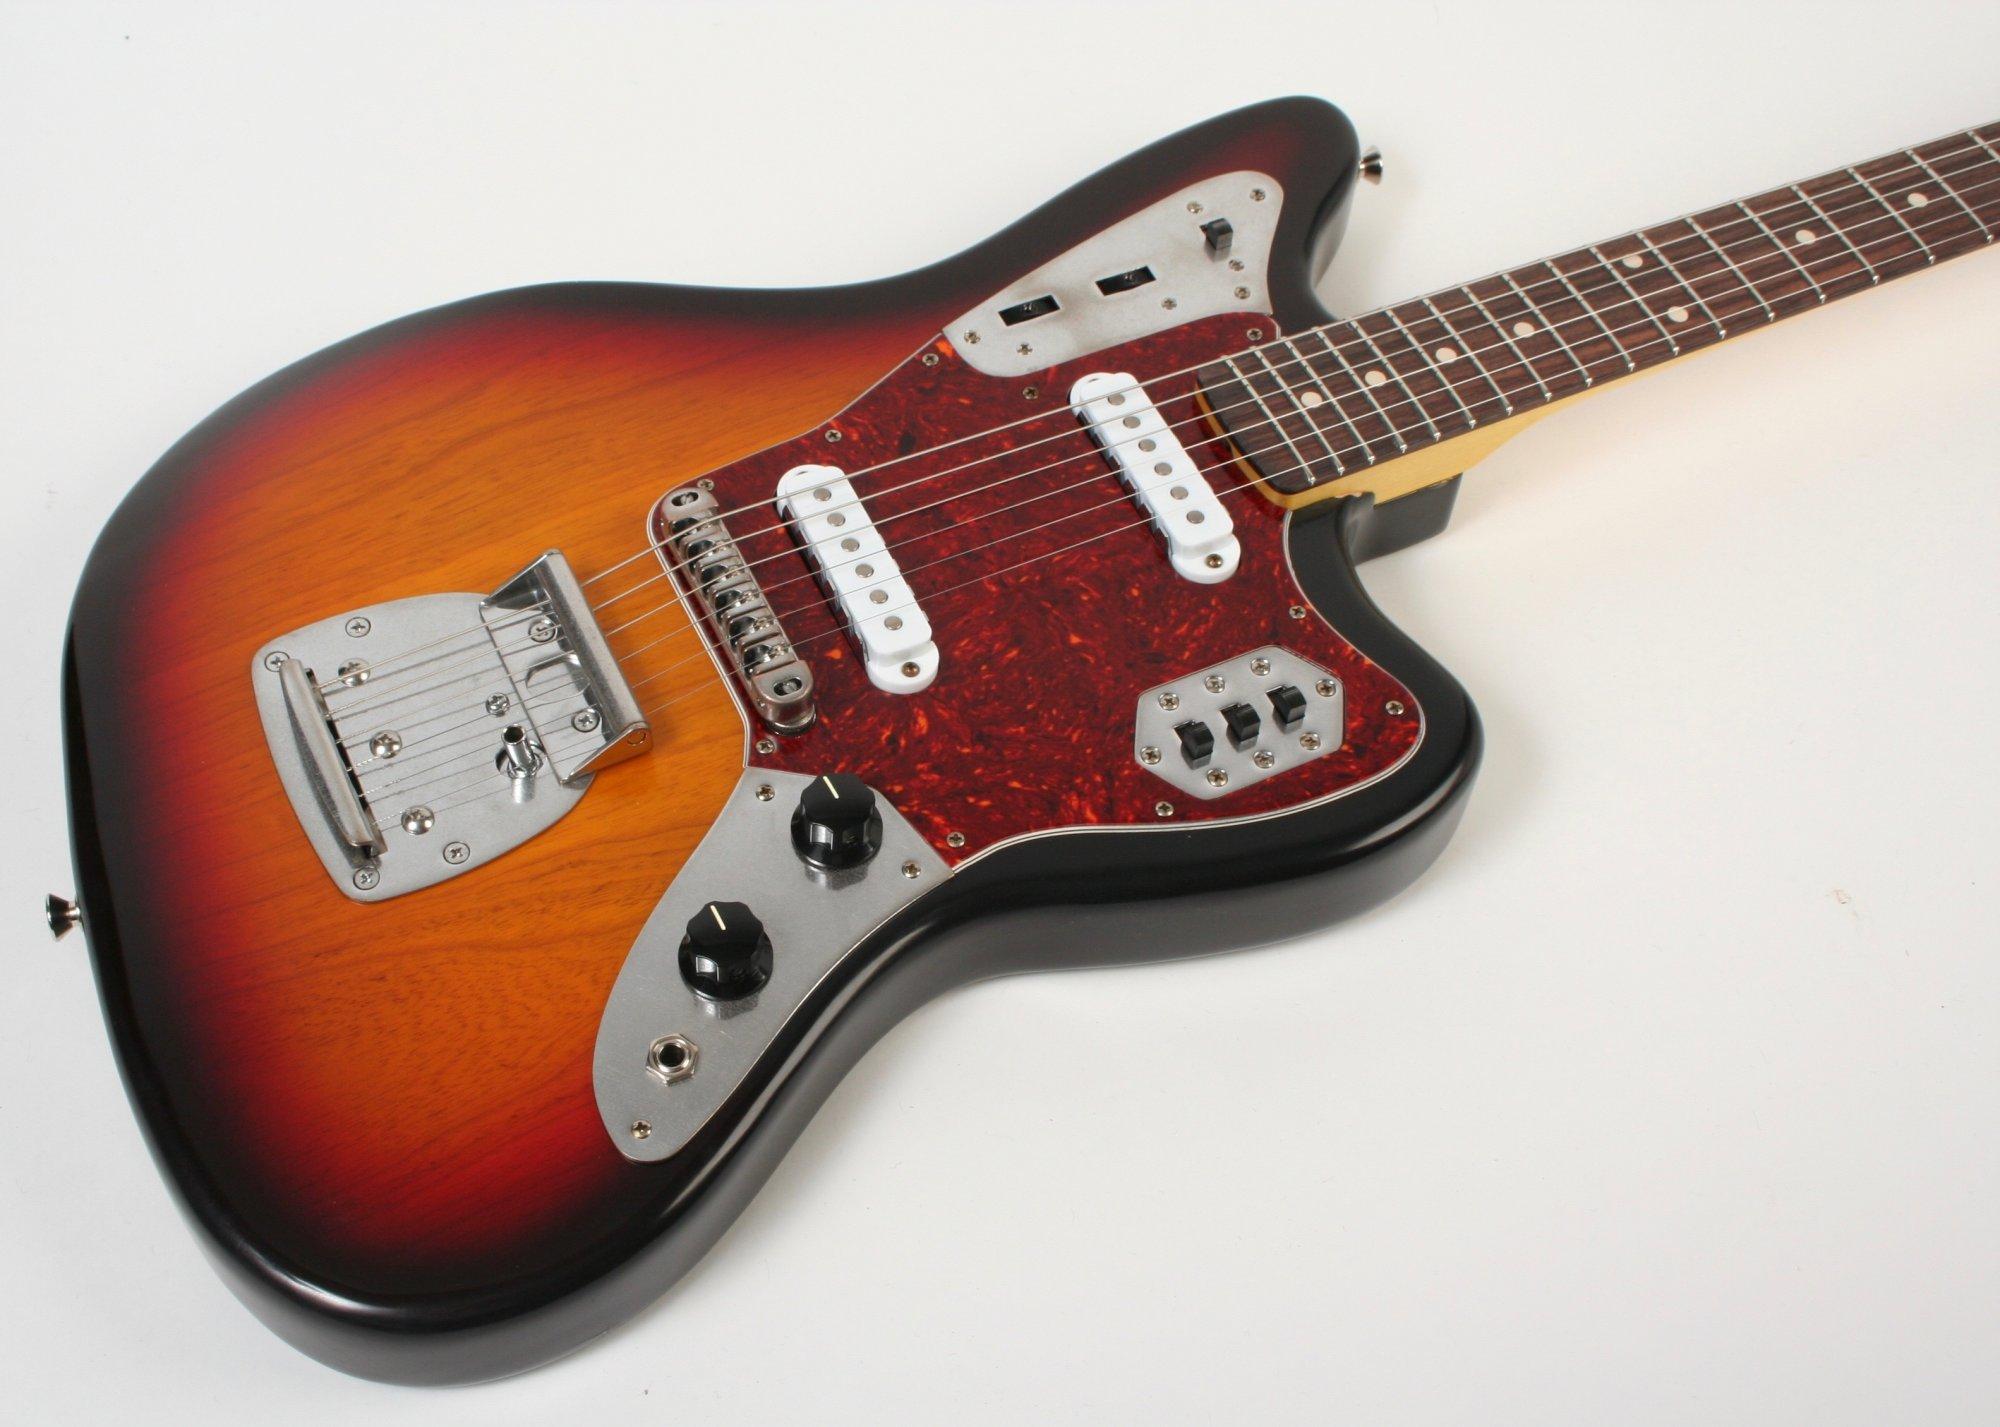 Nash Guitars JG-63 3 Tone Burst Extra Light